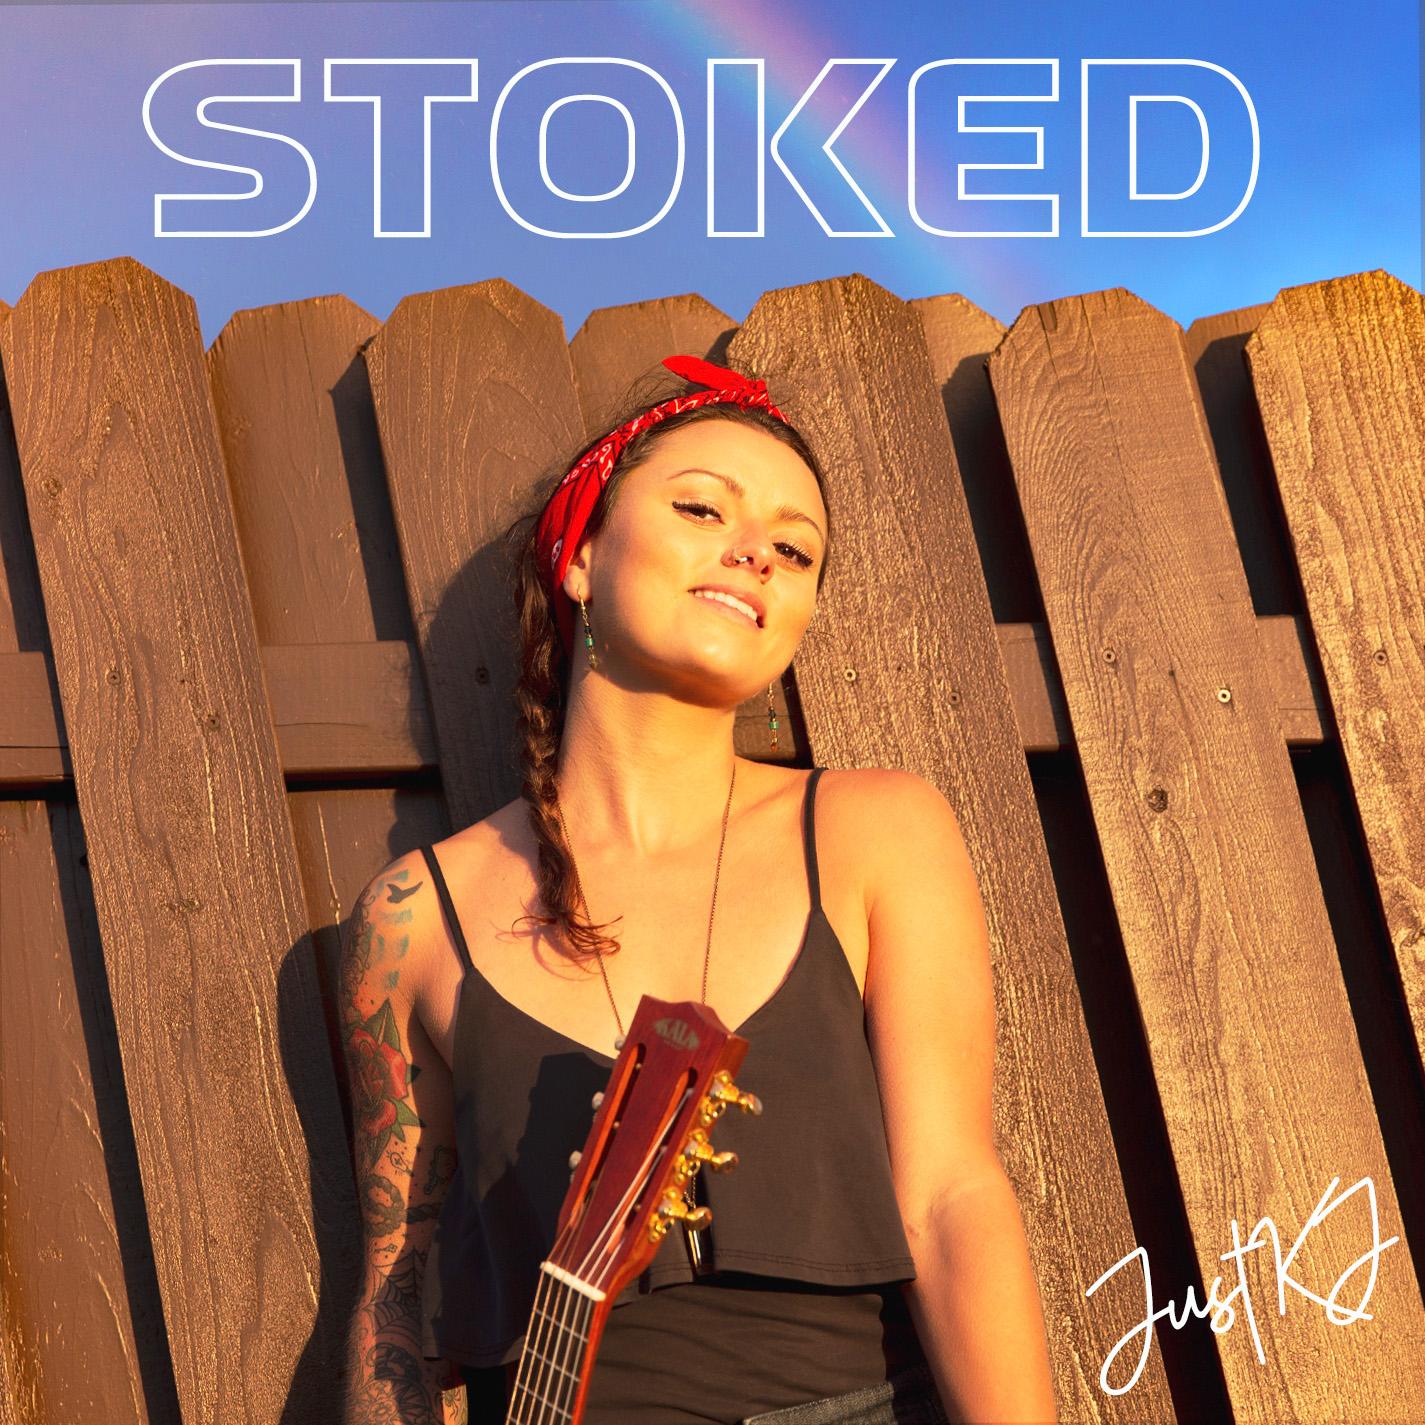 STOKED cover art 2.jpg